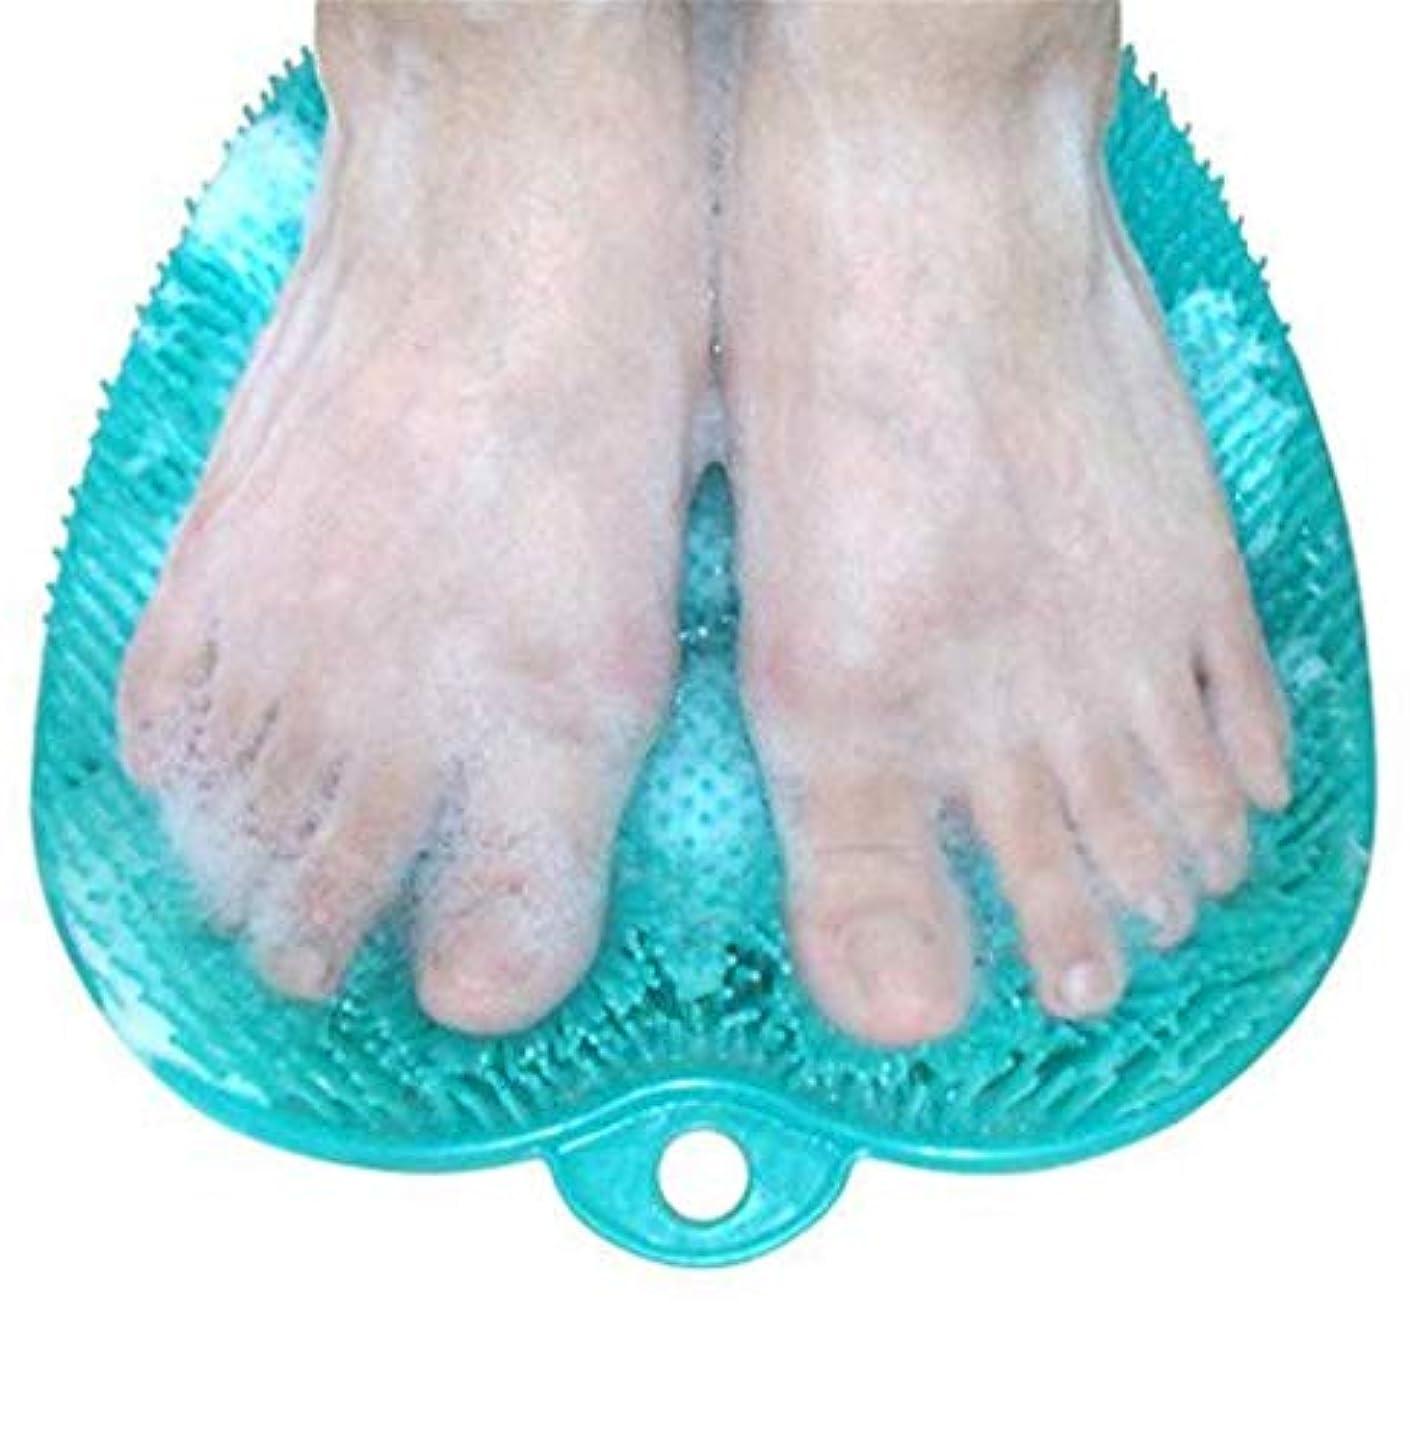 ライセンスどう?明らかに滑り止めの吸引のコップが付いているNewthinkingのフィートのスクラバーの洗剤のマッサージャーのマッサージャーのブラシおよびフットケアのための柔らかい足の指圧のマッサージのマット